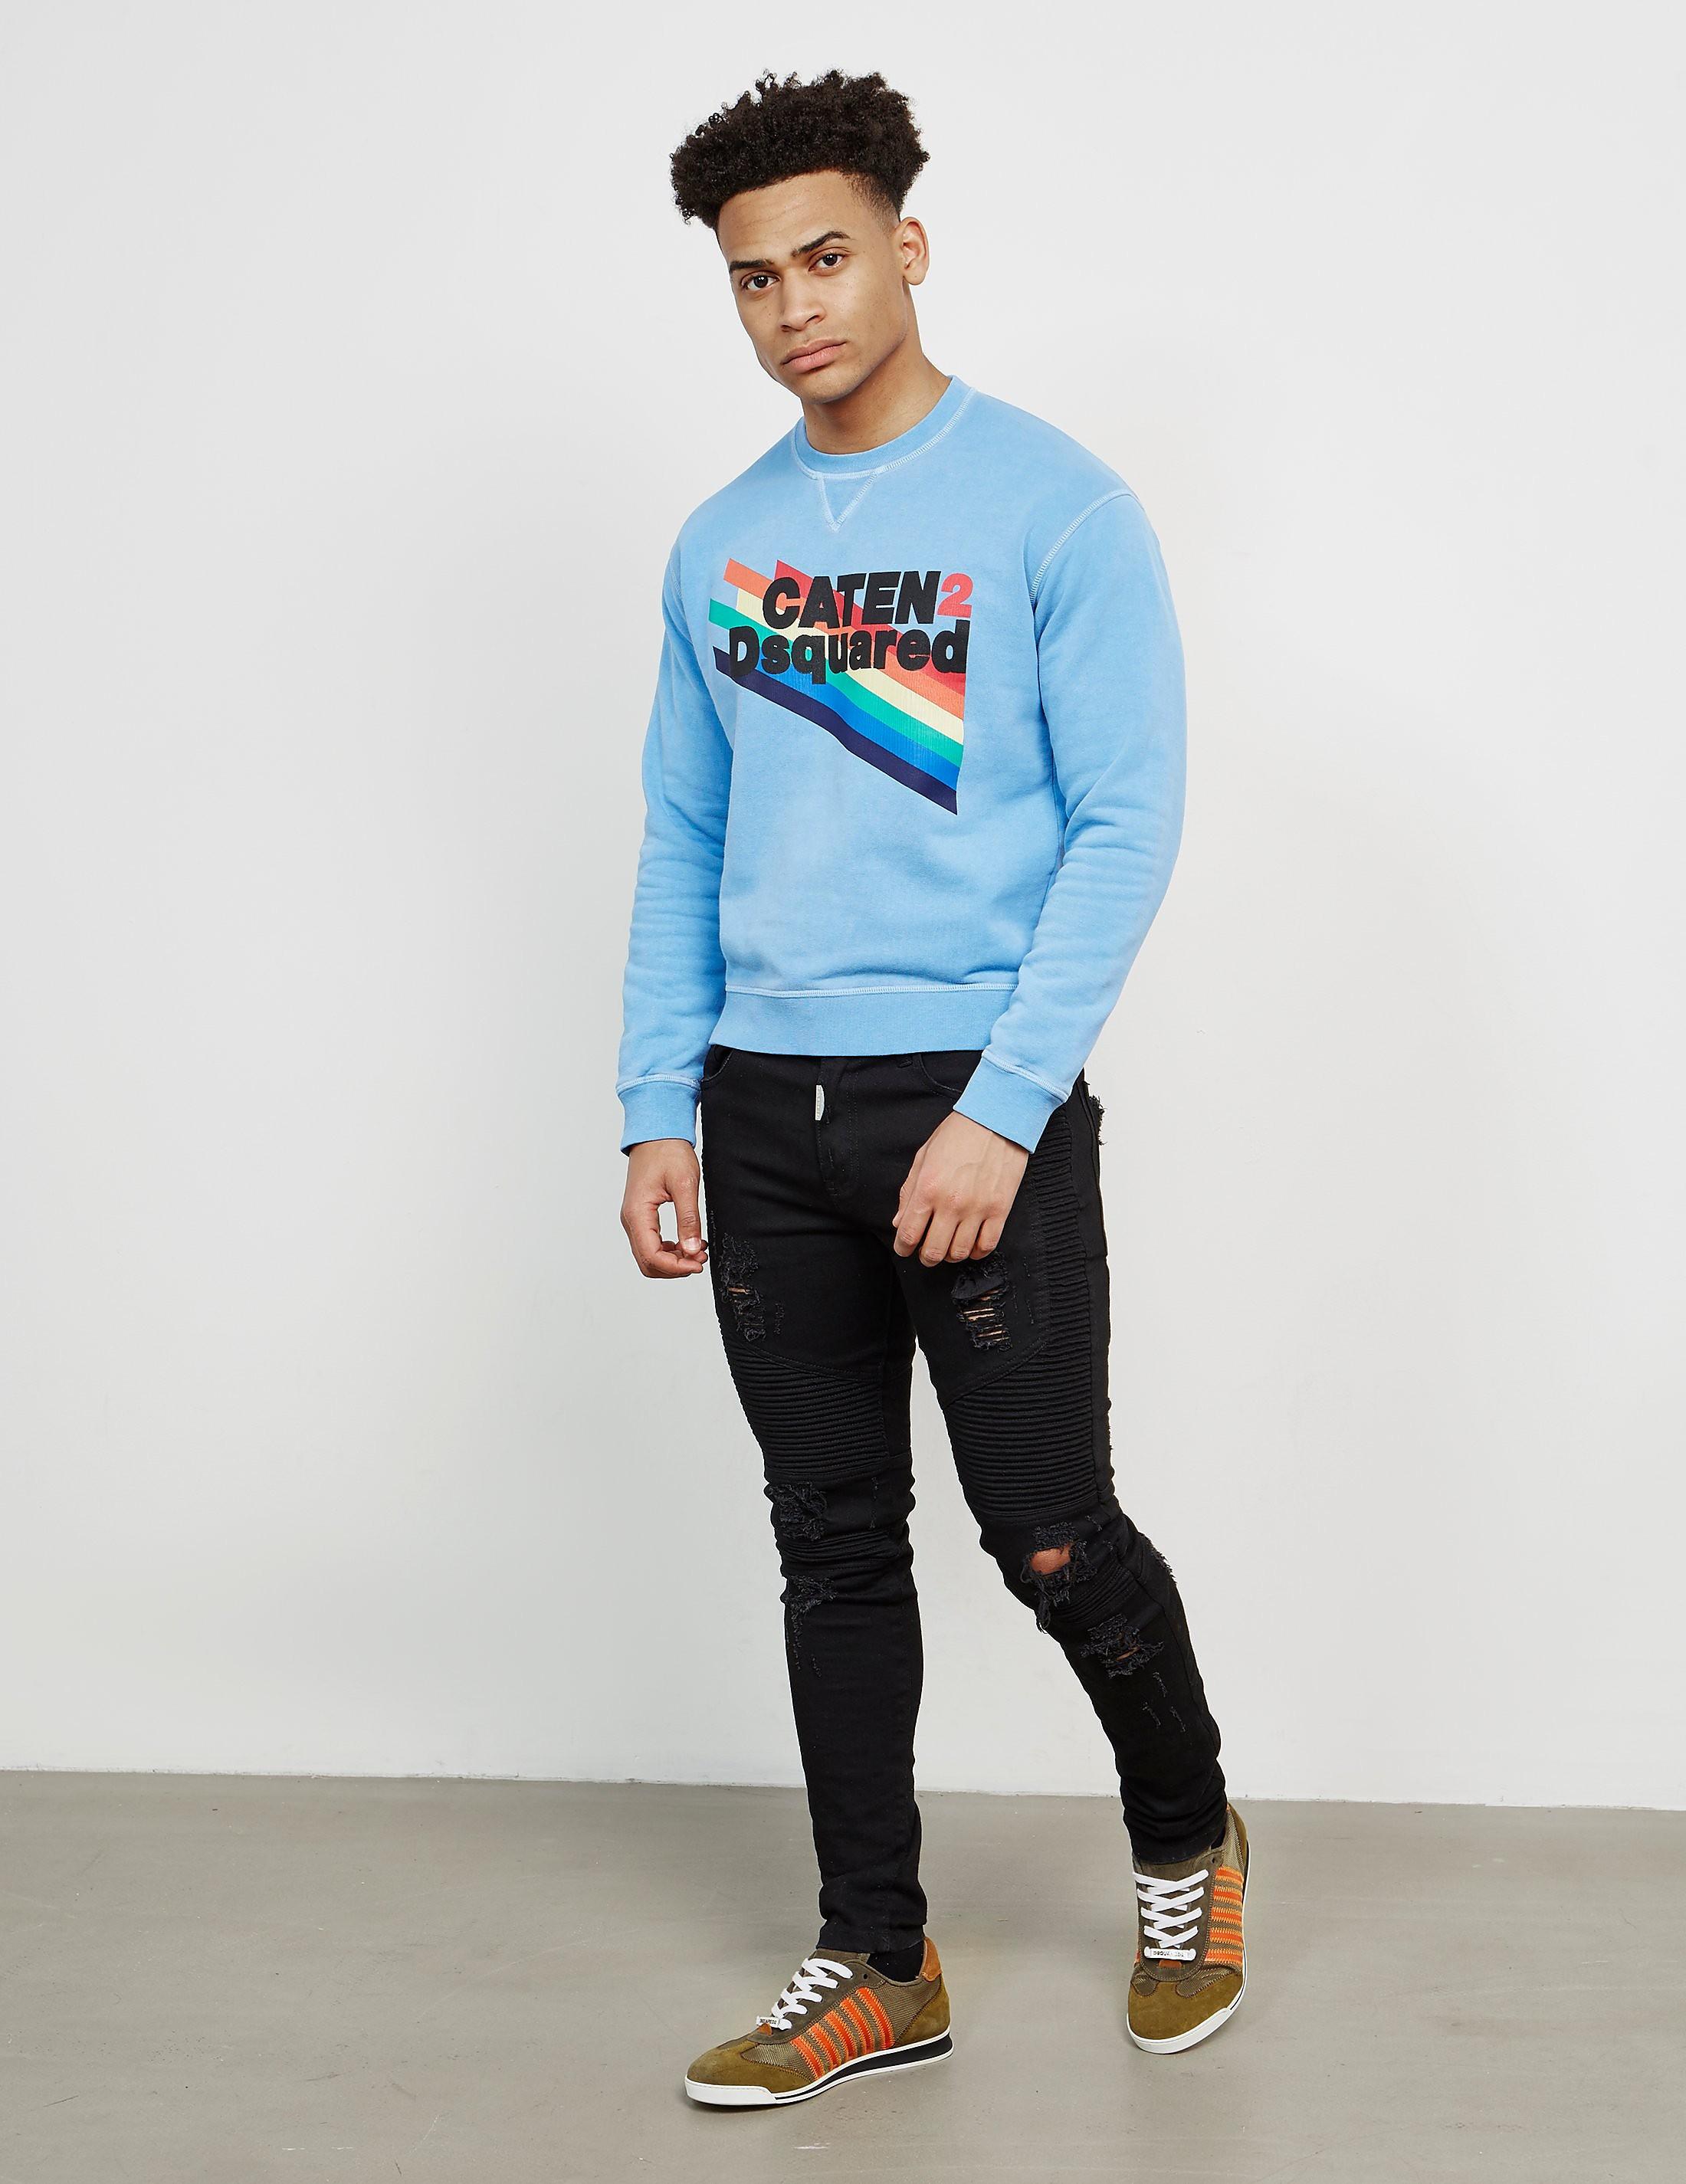 Dsquared2 Caten Rainbow Sweatshirt